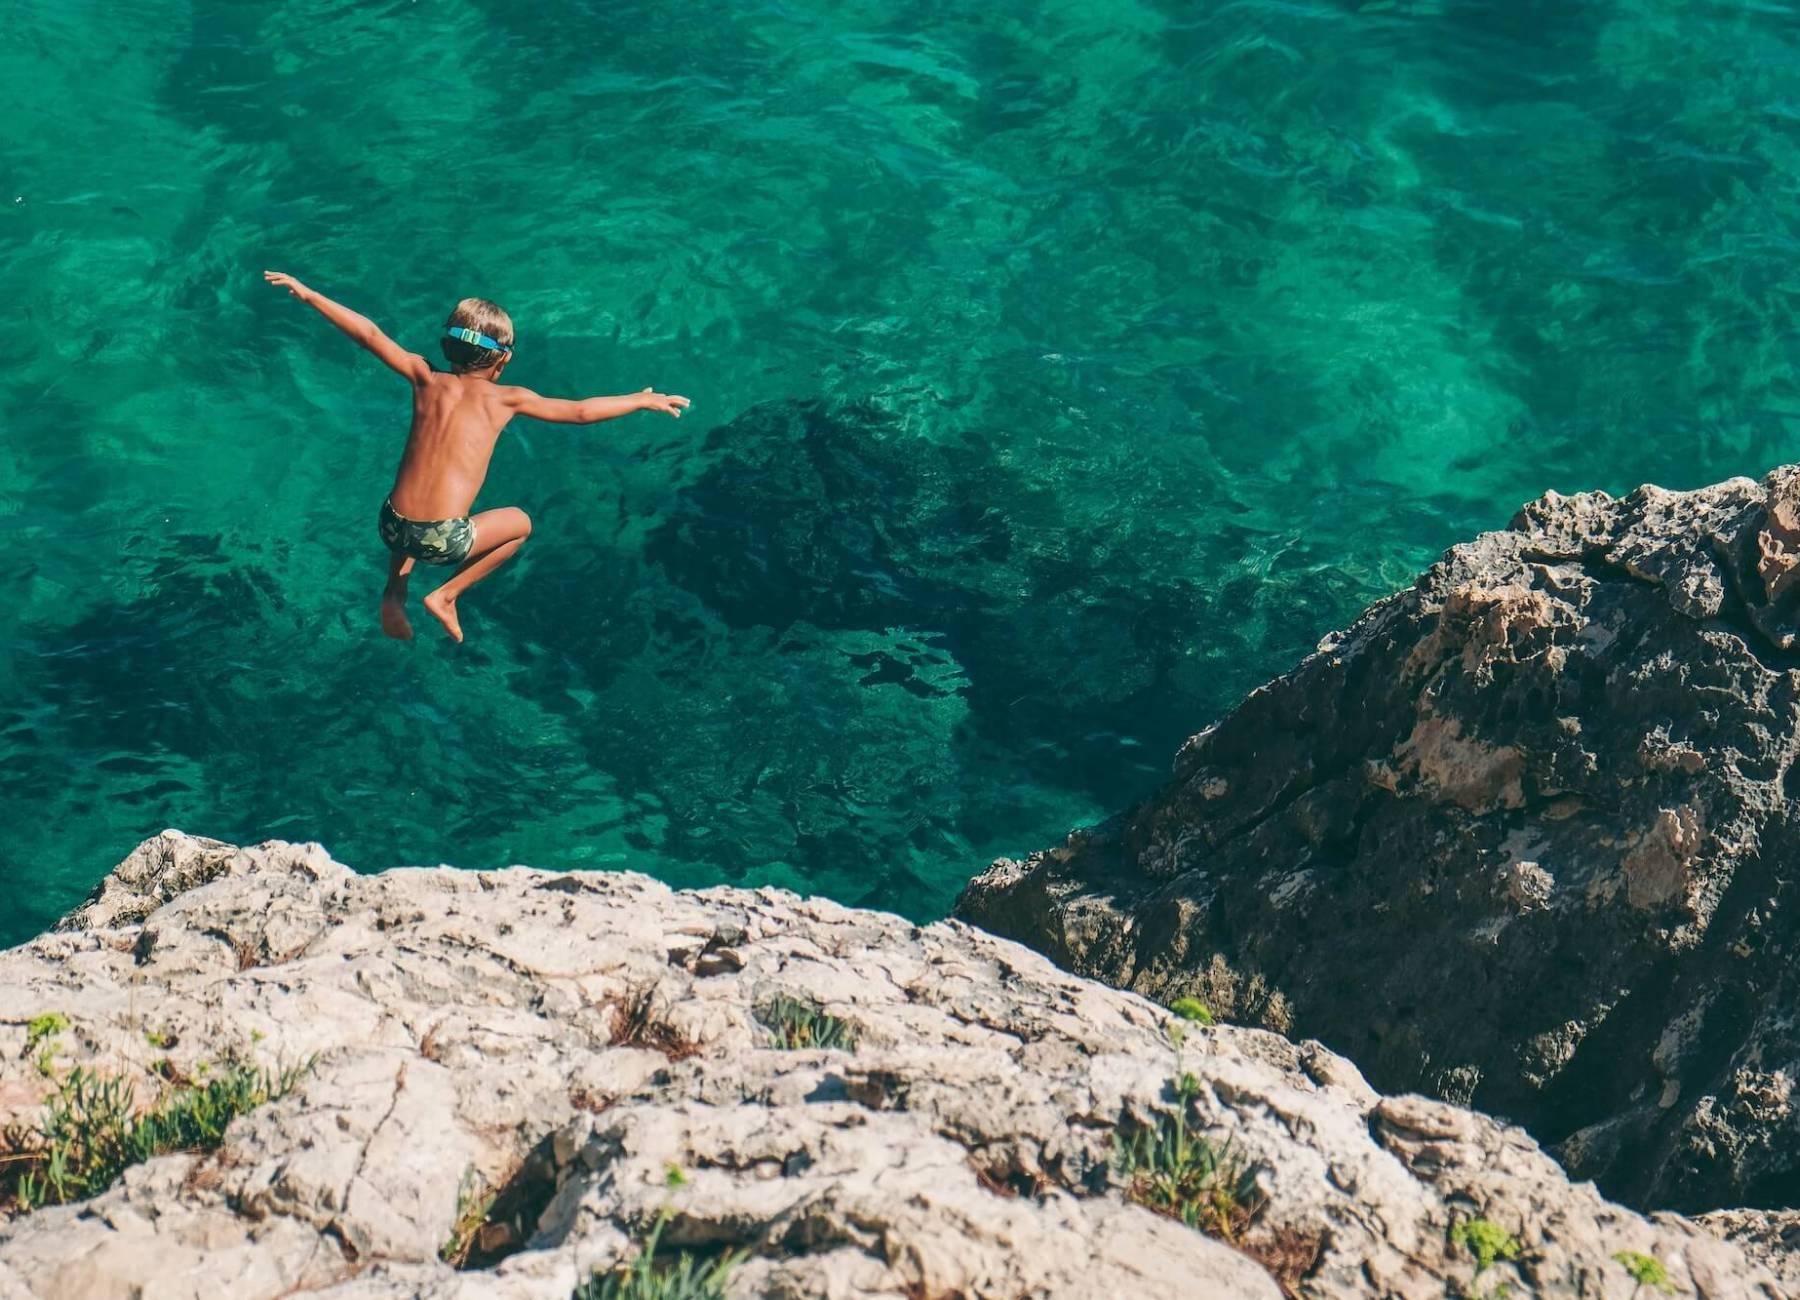 Anfängerschwimmen: Das Wasser kennen lernen und ein Wasserbewegungsgefühl entwickeln